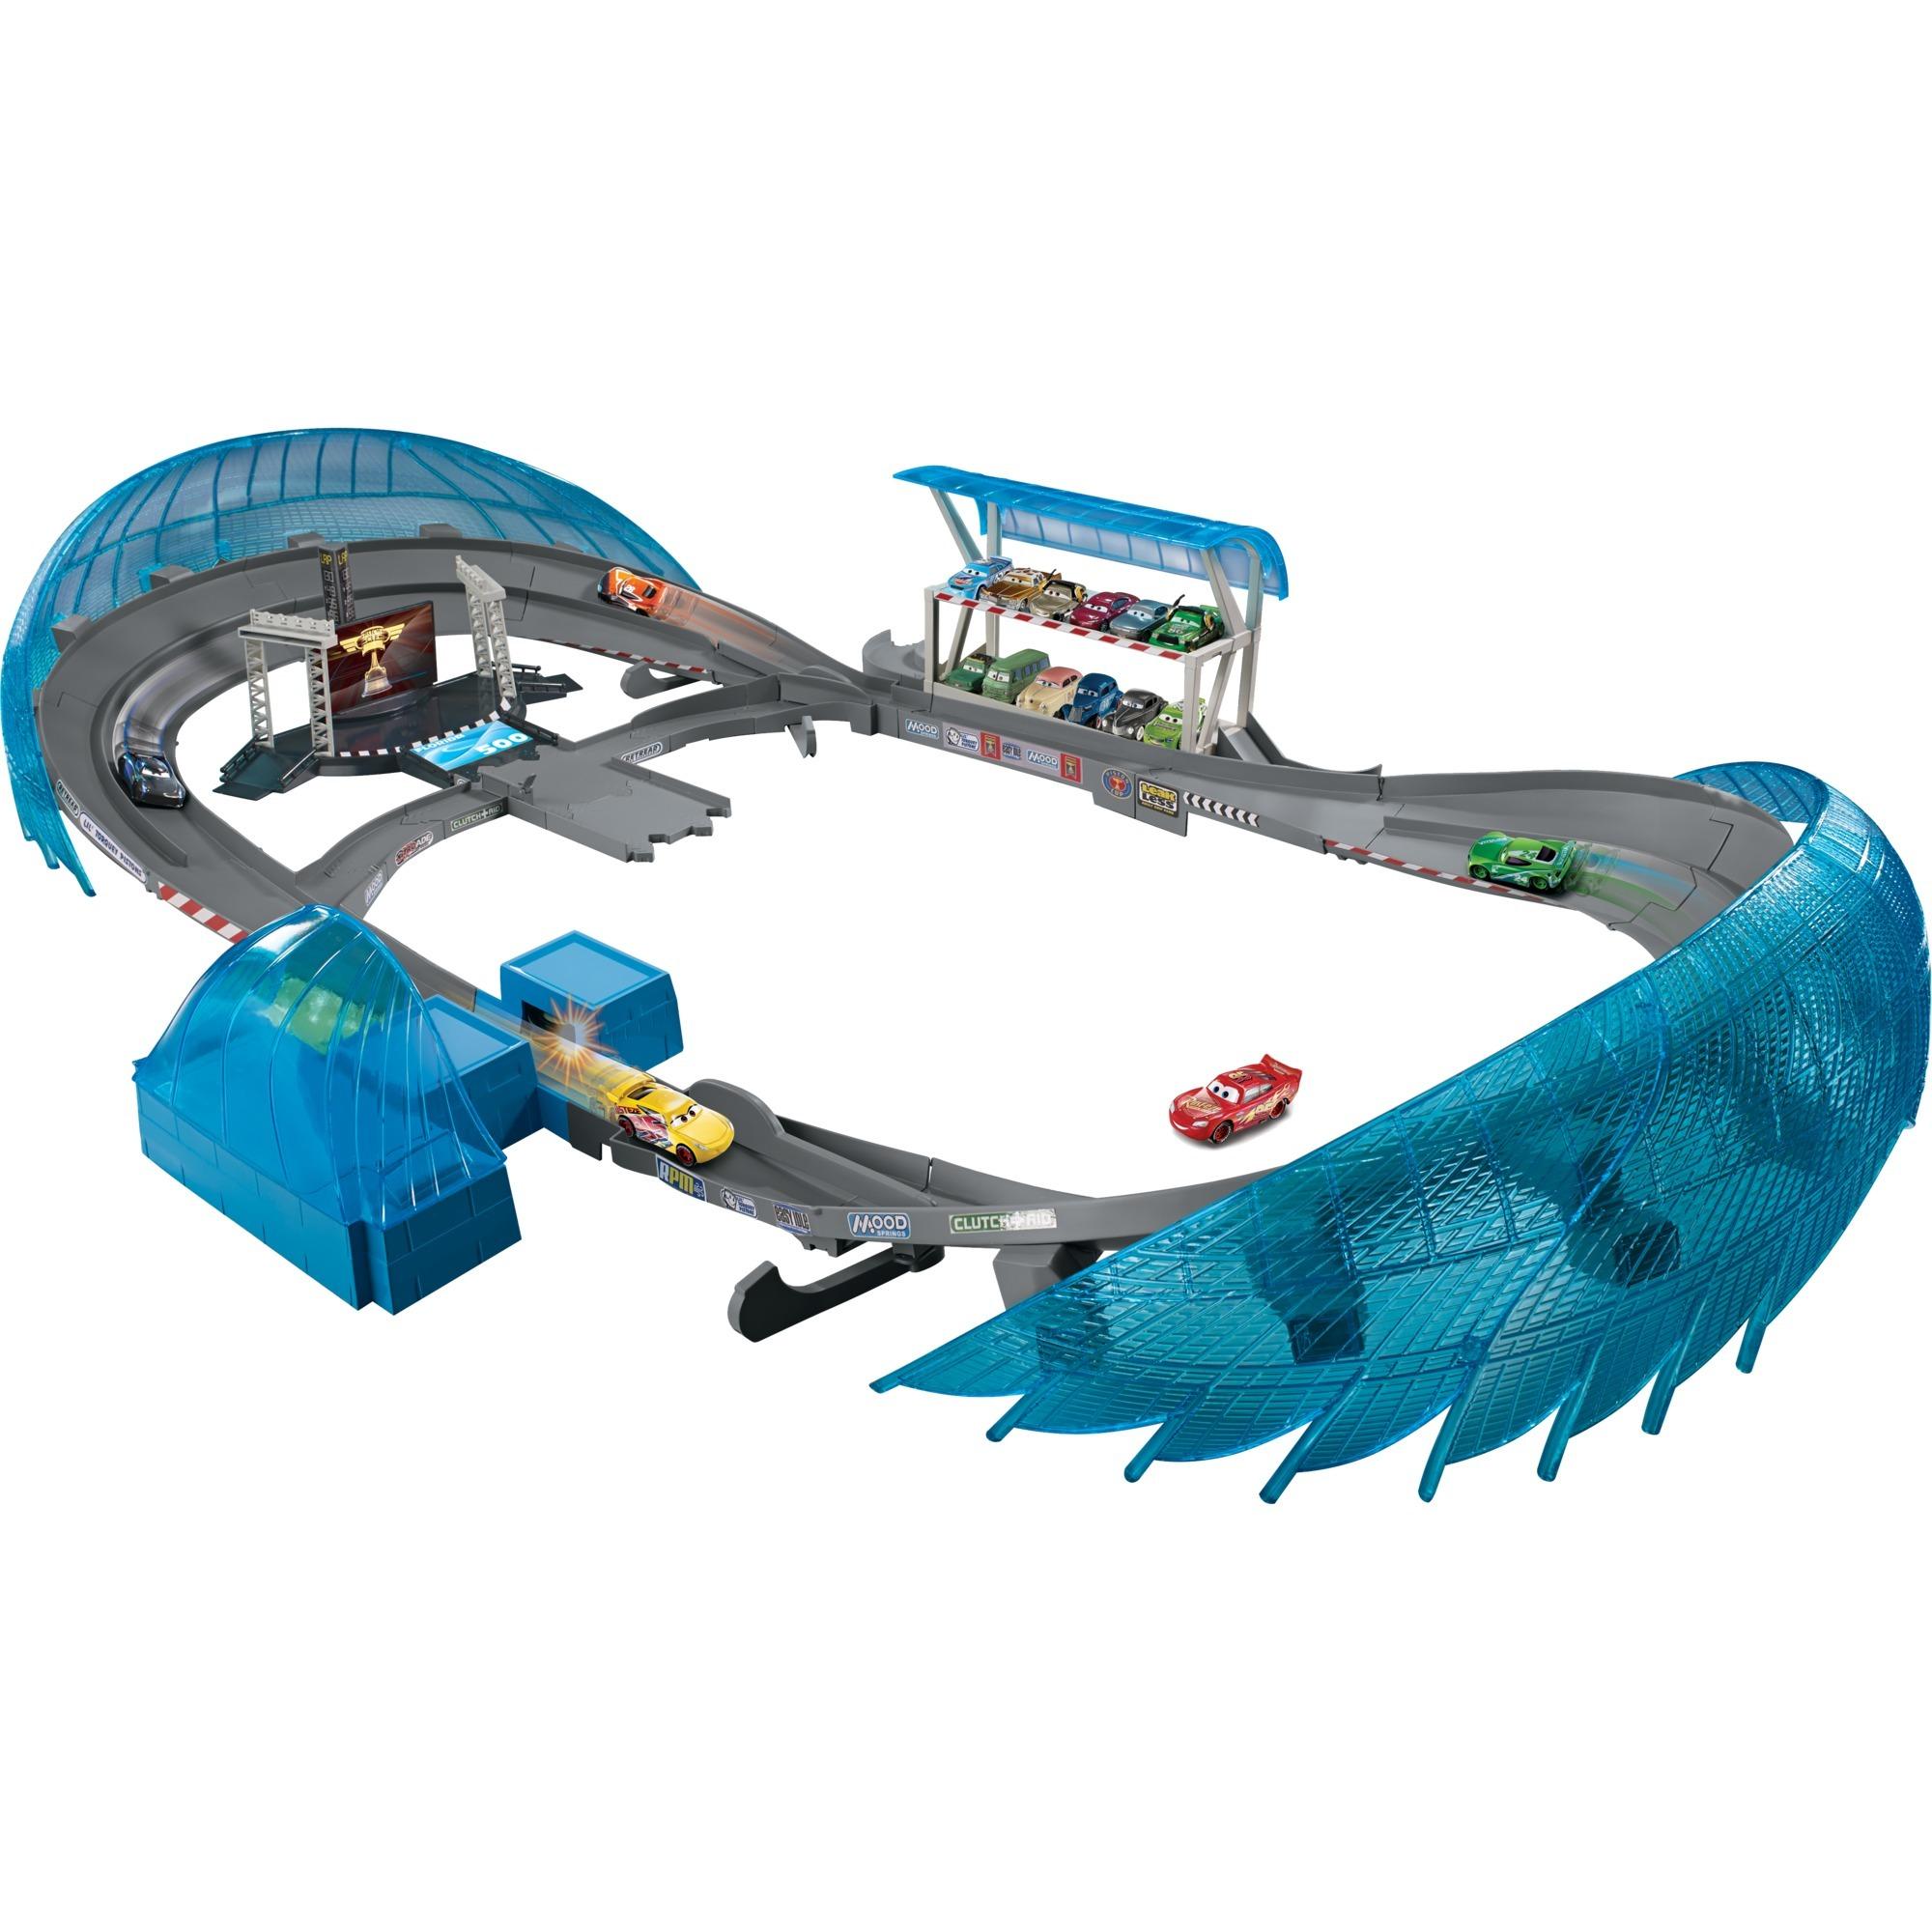 FCW02 Voiture et course jouet, Modèle réduit de voiture